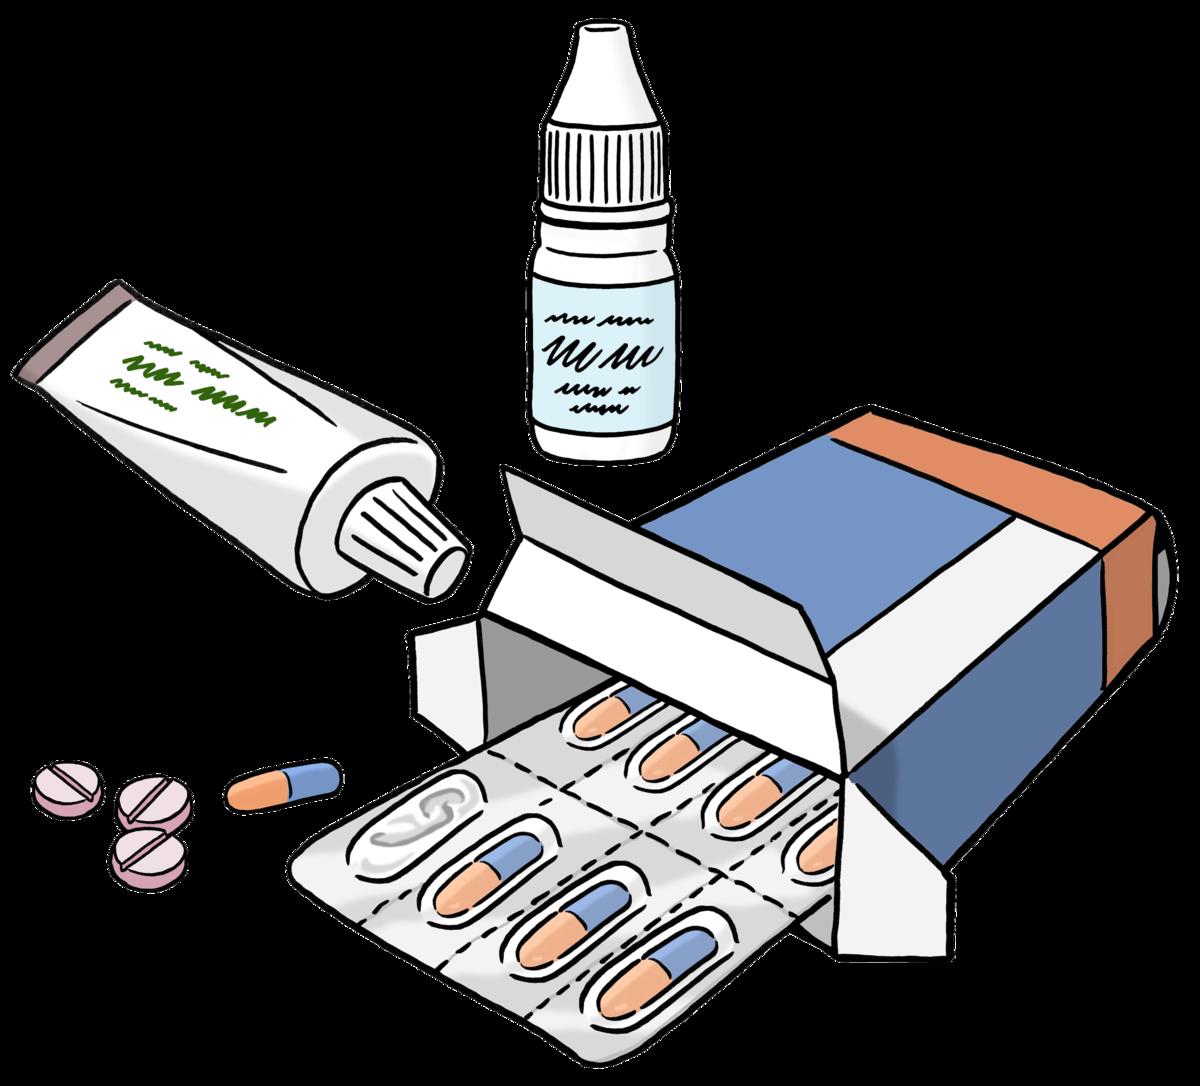 eine offene Packung mit Tabletten, eine Tube und ein Nasenspray